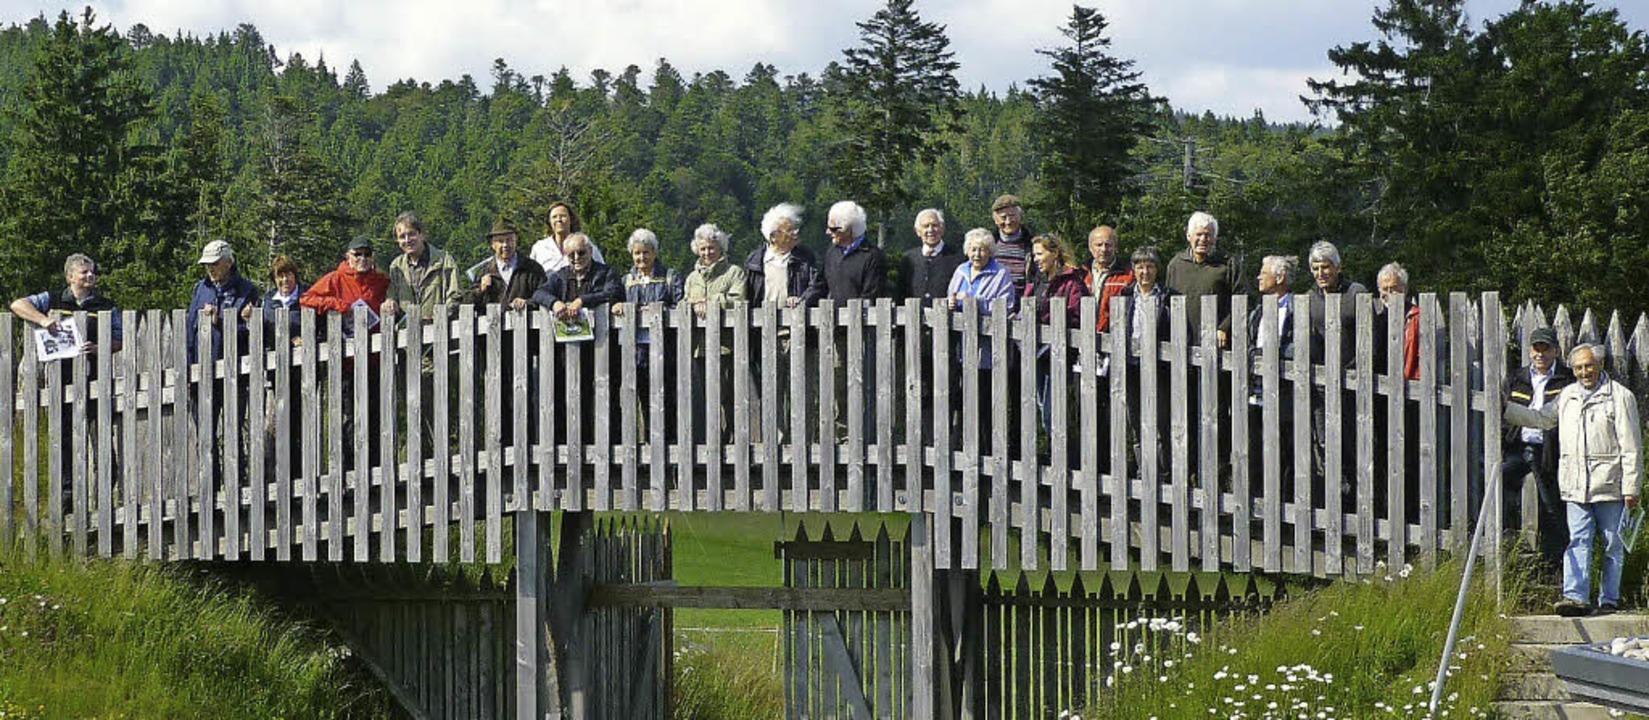 Holz war ein wichtiges Element beim Sc...die  Gersbacher Barockschanze (Foto).   | Foto: Privat